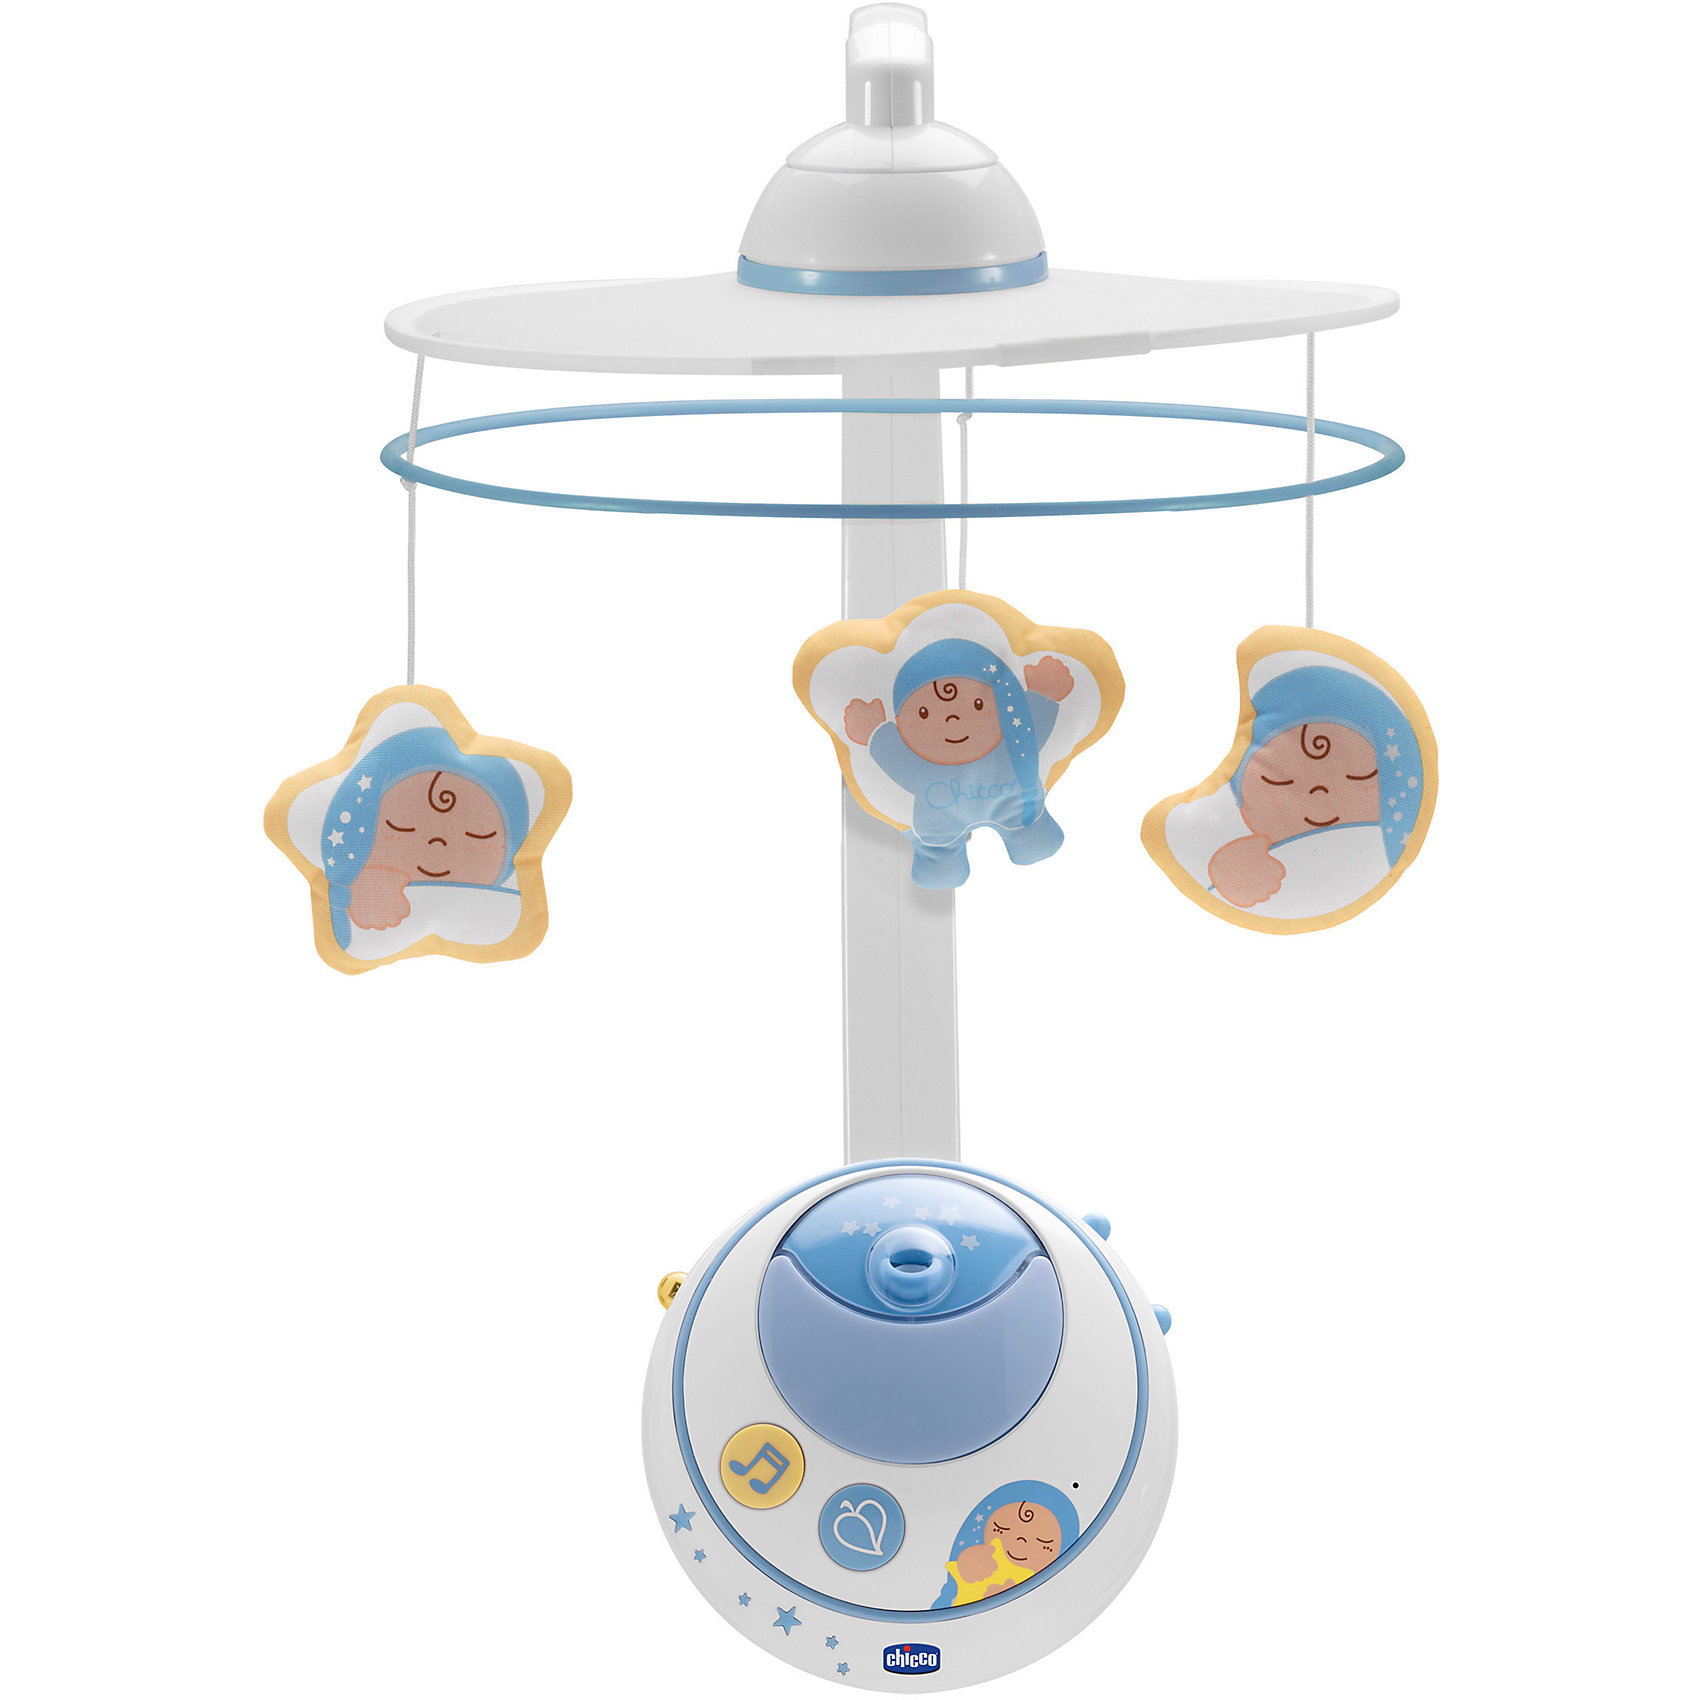 Мобиль Волшебные звезды, голубой, с д/у, ChiccoМобили<br>Мобиль Волшебные звезды, голубой, с д/у, Chicco (Чико) проецирует изображения красочных звезд и планет в то время как забавные персонажи кружатся под нежные успокаивающие мелодии, создавая волшебную атмосферу в спальне ребенка. Мобиль оснащен звуковым сенсором: стоит ребенку заплакать и подвеска включится автоматически, что очень удобно для мамы в ночное время.<br><br>Характеристики:<br>-Цвет: голубой<br>-Проигрыватель с музыкой в двух стилях (классическим и современном)<br>-Два четких проекционных изображения (на свои части и на потолок)<br>-Звуковой сенсор для автоматического включения от плача ребенка<br>-Удобные кнопки управления инфракрасный пульт дистанционного управления<br>-18 минут проекции и музыки<br>-Функции ночника, проектора ночного звездного неба, музыкальной карусели с игрушками<br><br>Дополнительная информация:<br>-Материалы: пластик, полипропилен<br>-Питание: 2 батарейки типа АА (в комплект НЕ входят)<br><br>Благодаря великолепной системе проецирования изображений подвеска-мобиль Волшебные звезды подарит малышу комфорт, спокойствие и крепкий сон!<br><br>Мобиль Волшебные звезды, голубой, с д/у, Chicco (Чико) можно купить в нашем магазине.<br><br>Ширина мм: 360<br>Глубина мм: 148<br>Высота мм: 520<br>Вес г: 2252<br>Возраст от месяцев: 0<br>Возраст до месяцев: 18<br>Пол: Мужской<br>Возраст: Детский<br>SKU: 4123483